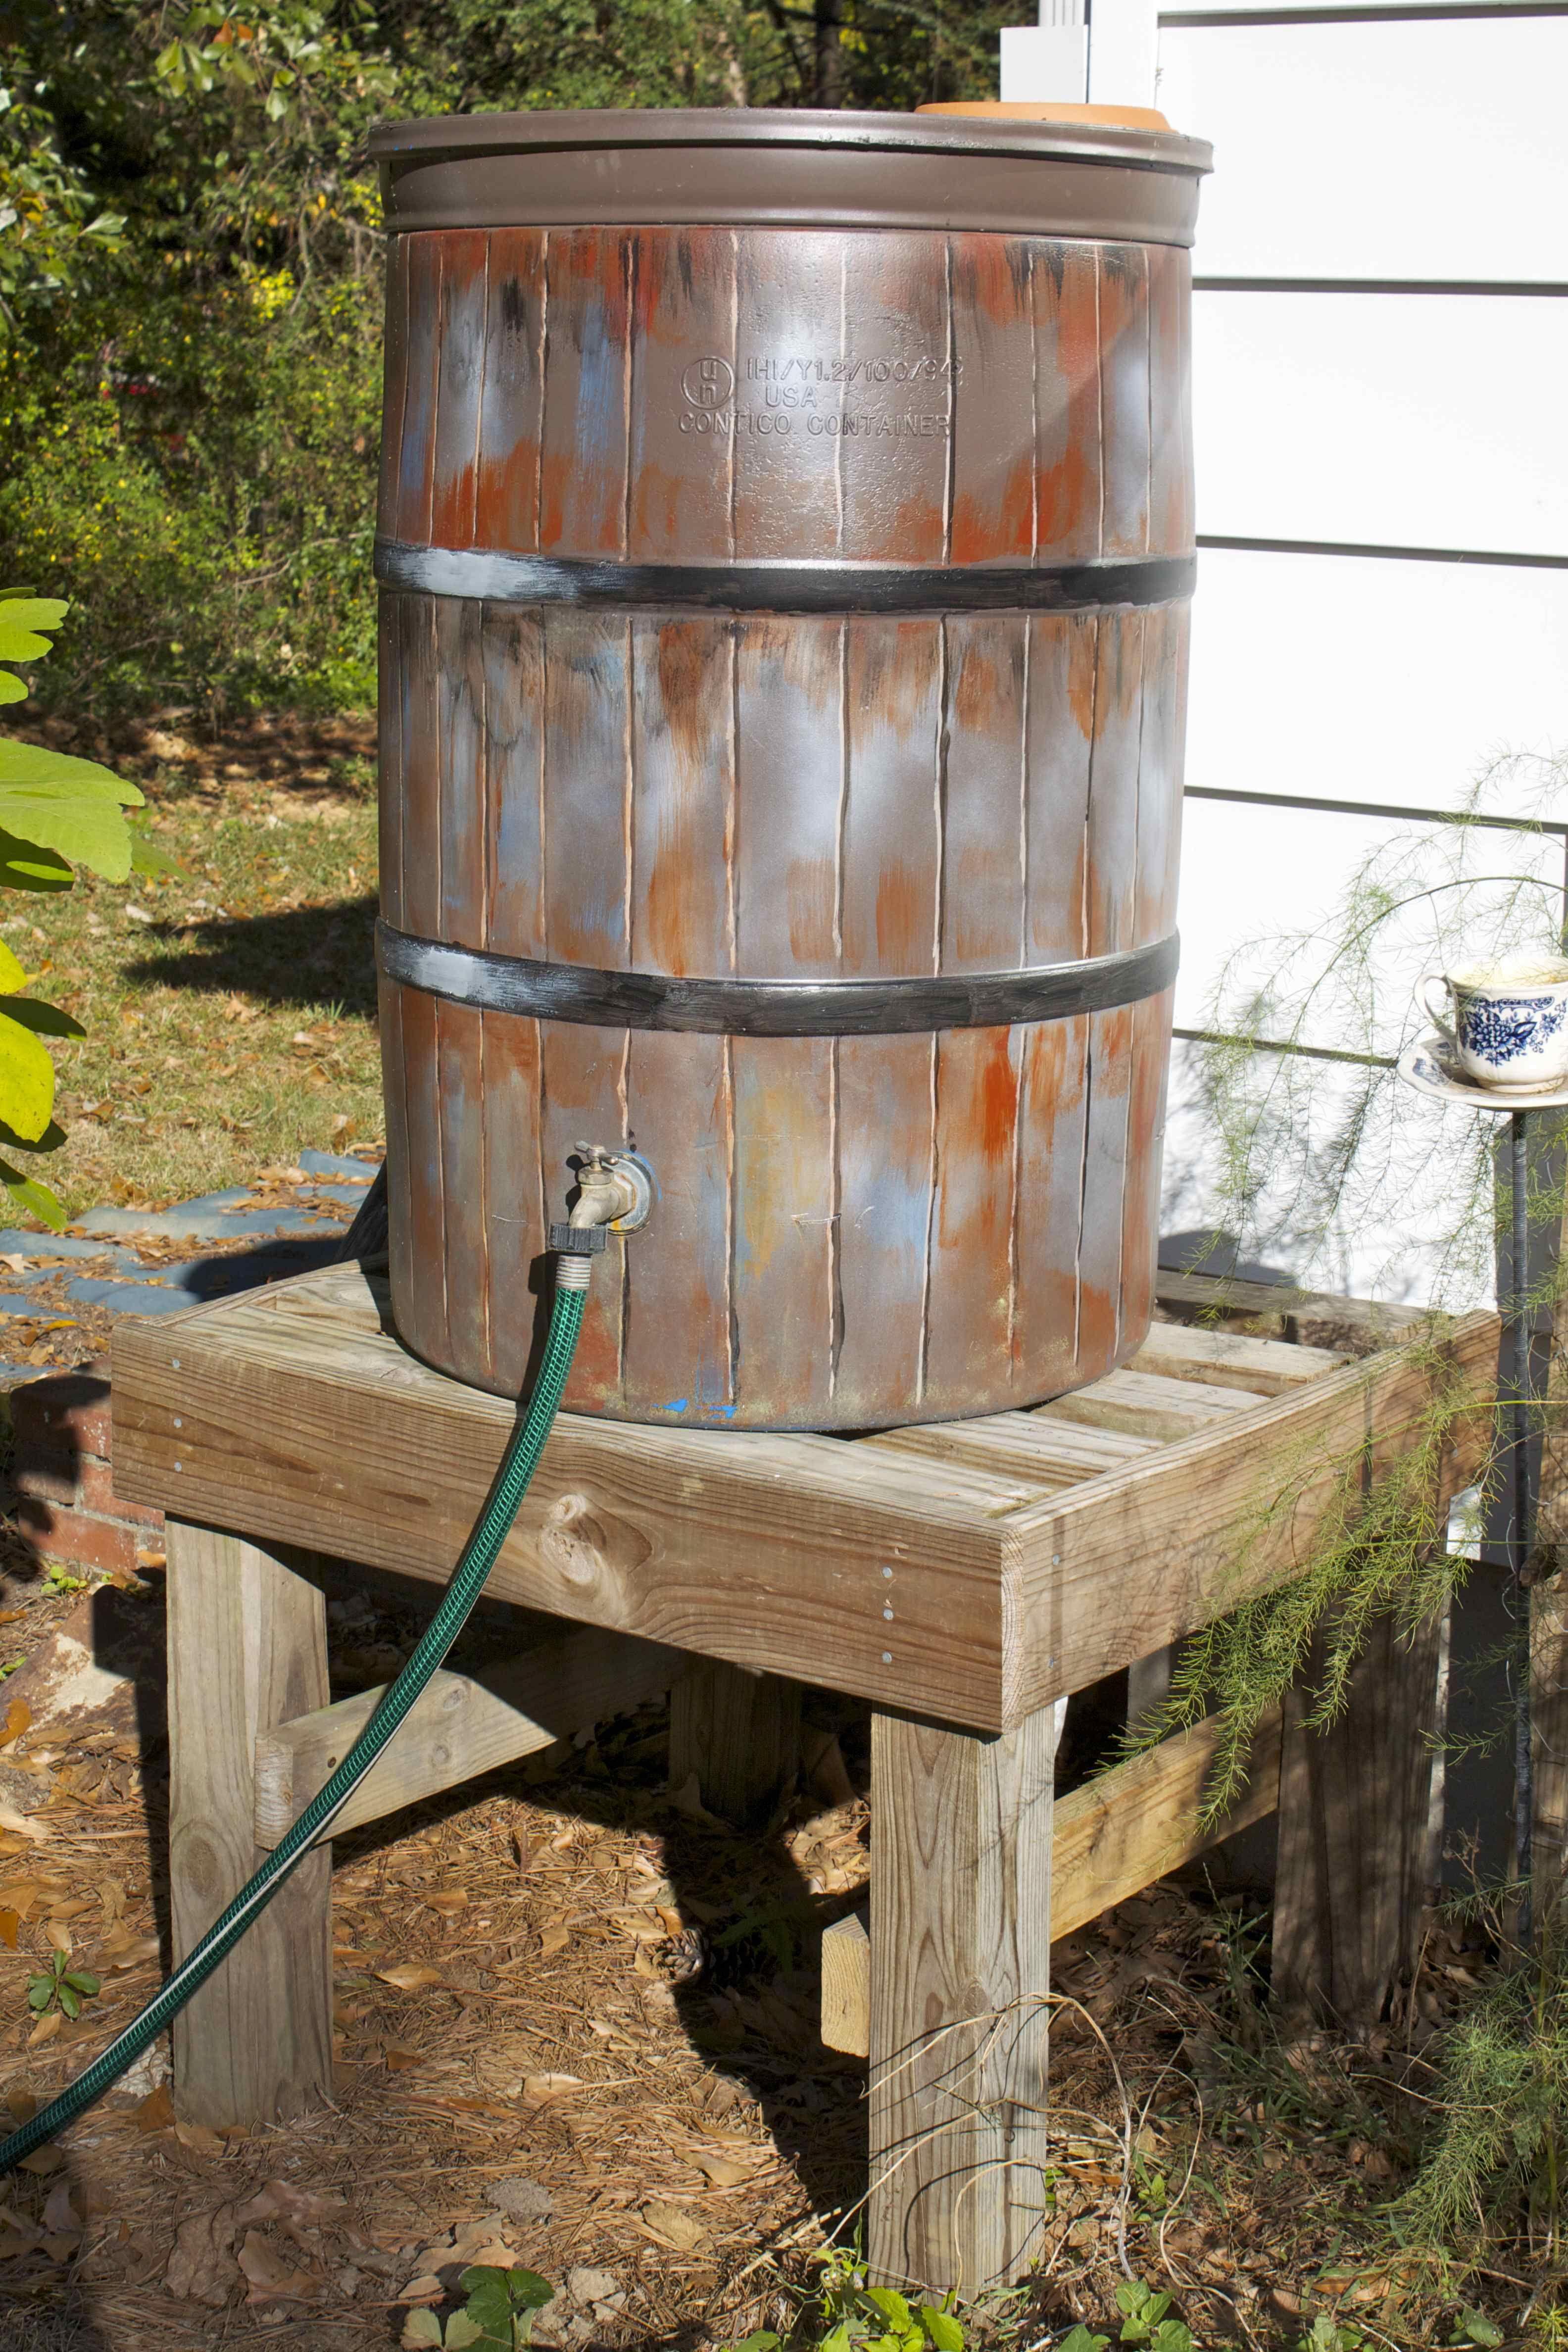 Faux Wood Barrels Rain Barrels Painted Rain Barrel Wooden Barrel